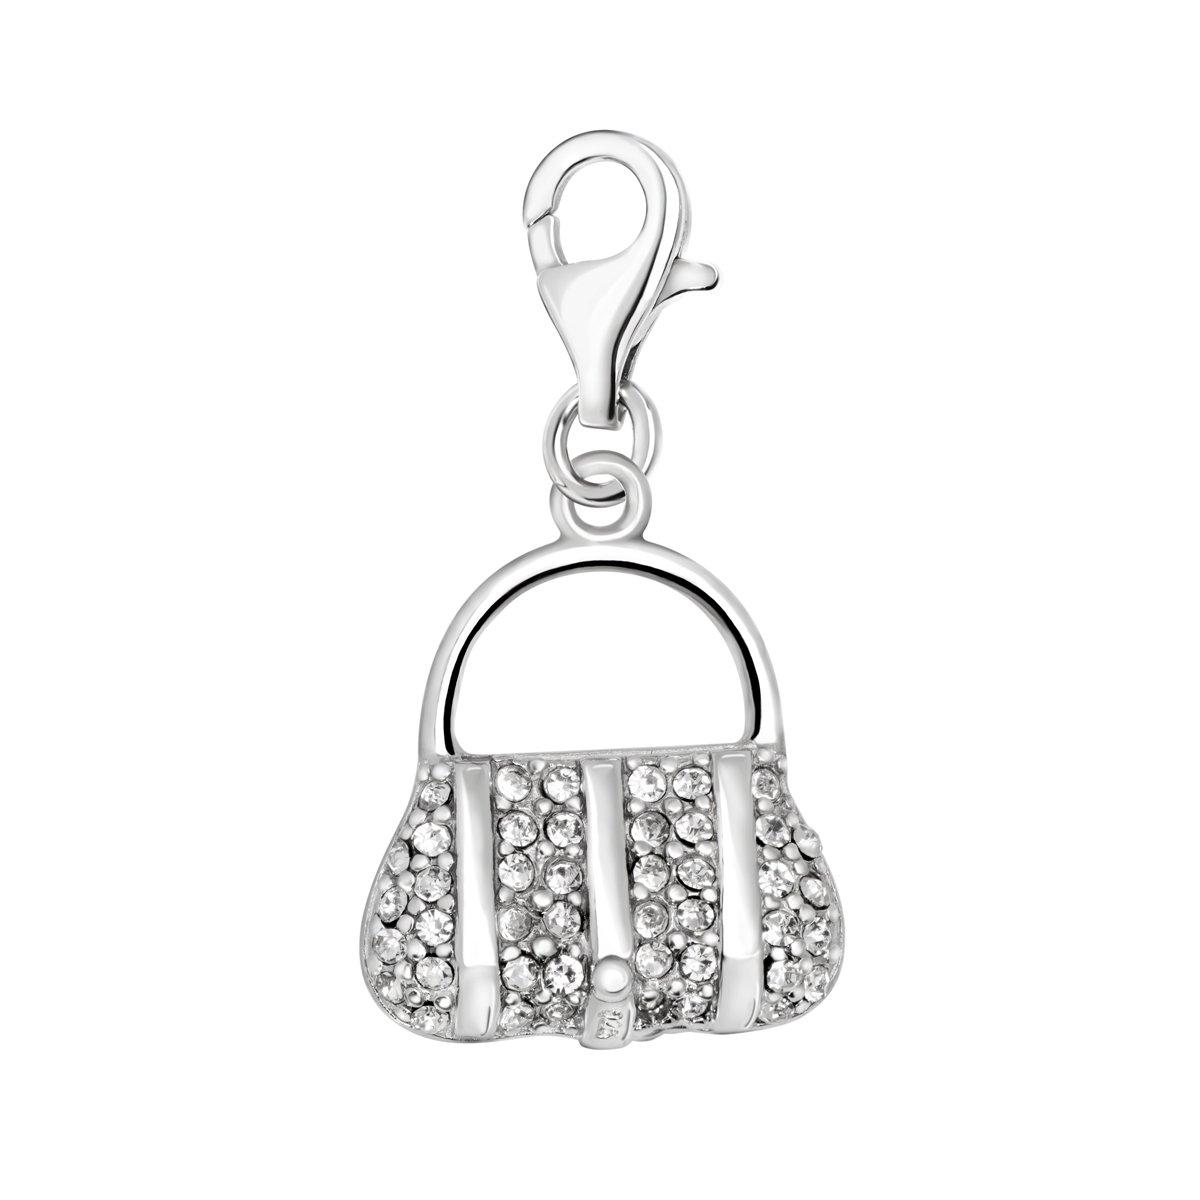 Quiges Charm Pendentif Perle avec Fermoir Femme Argent 925 Sac à Main 3D Oxyde de Zirconium Blanc HC064